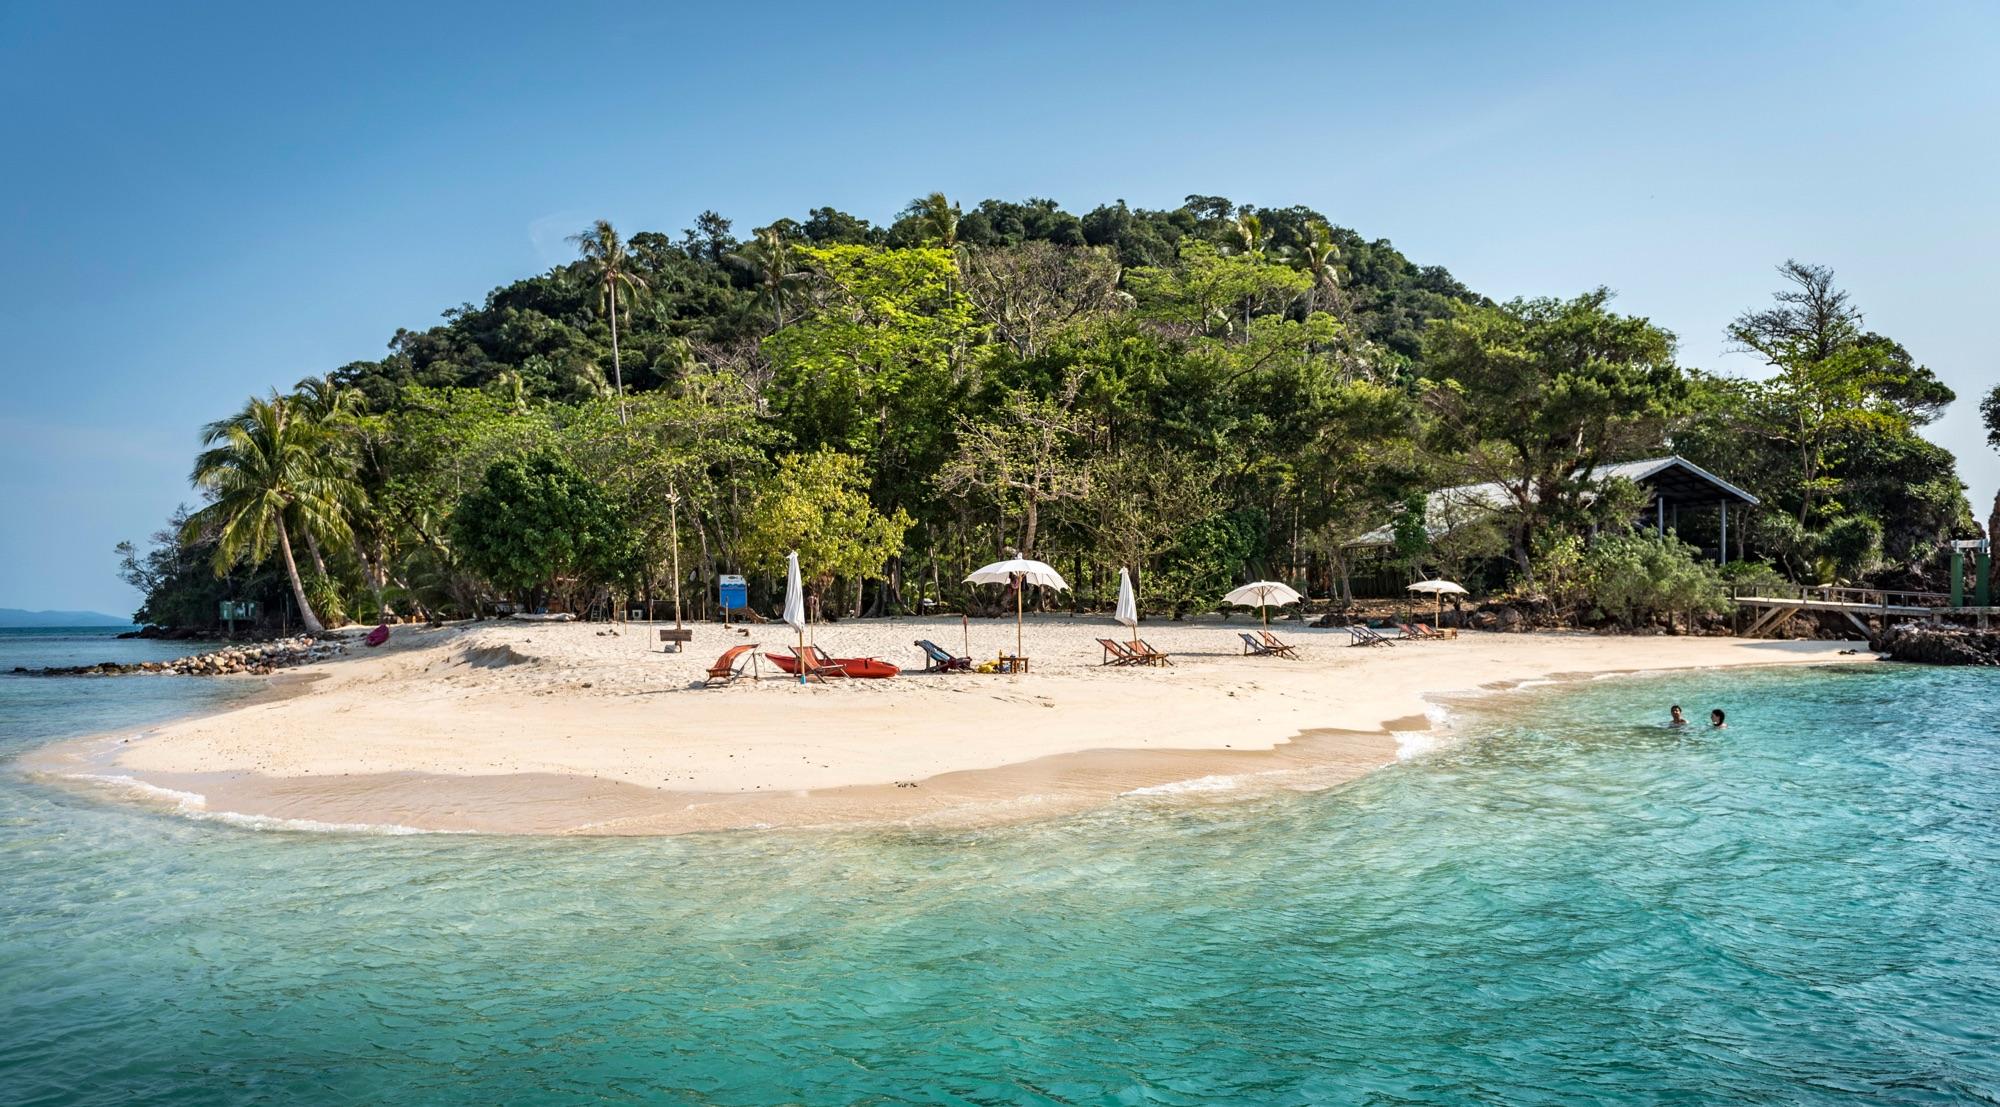 Ao Kra Tueng Beach